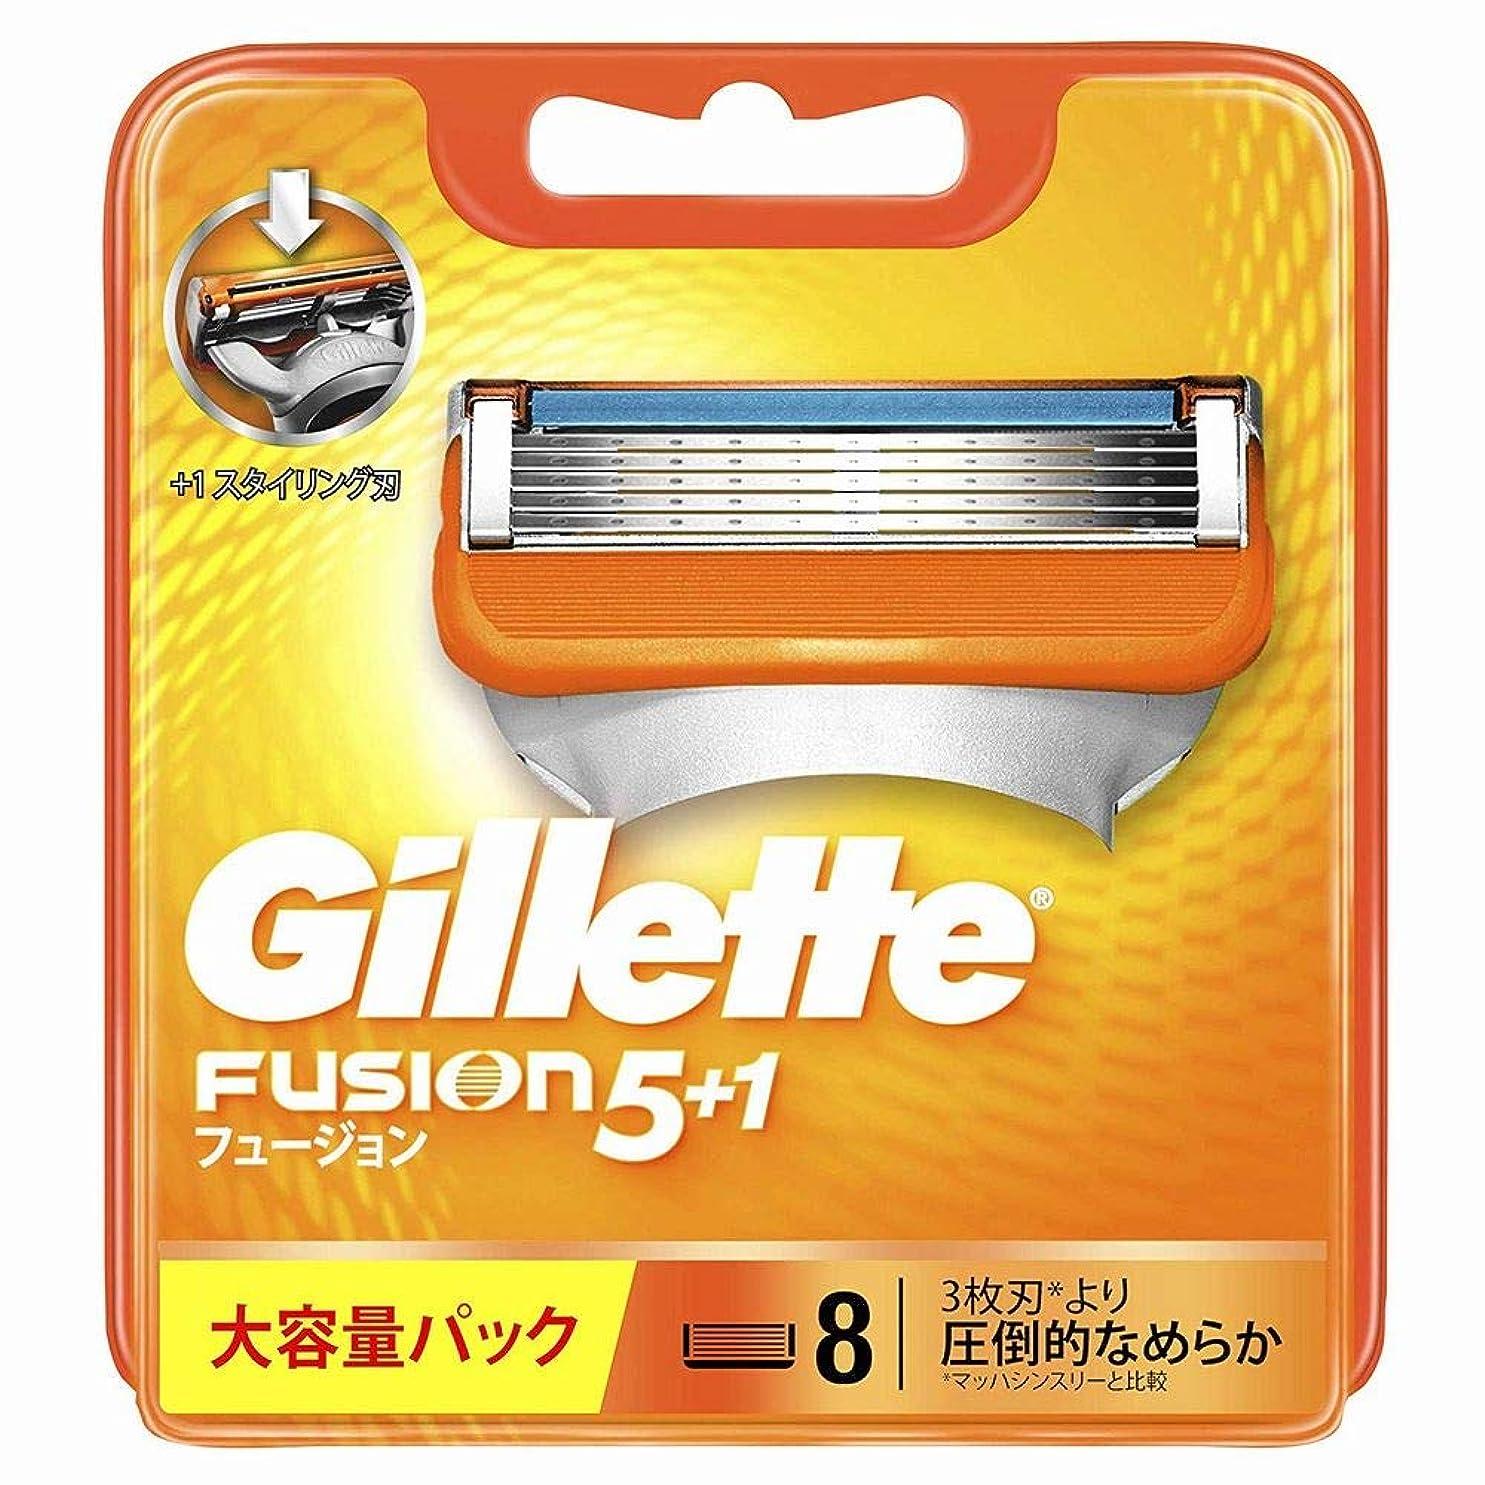 パケット振るう宗教ジレット 髭剃り フュージョン5+1 替刃8個入